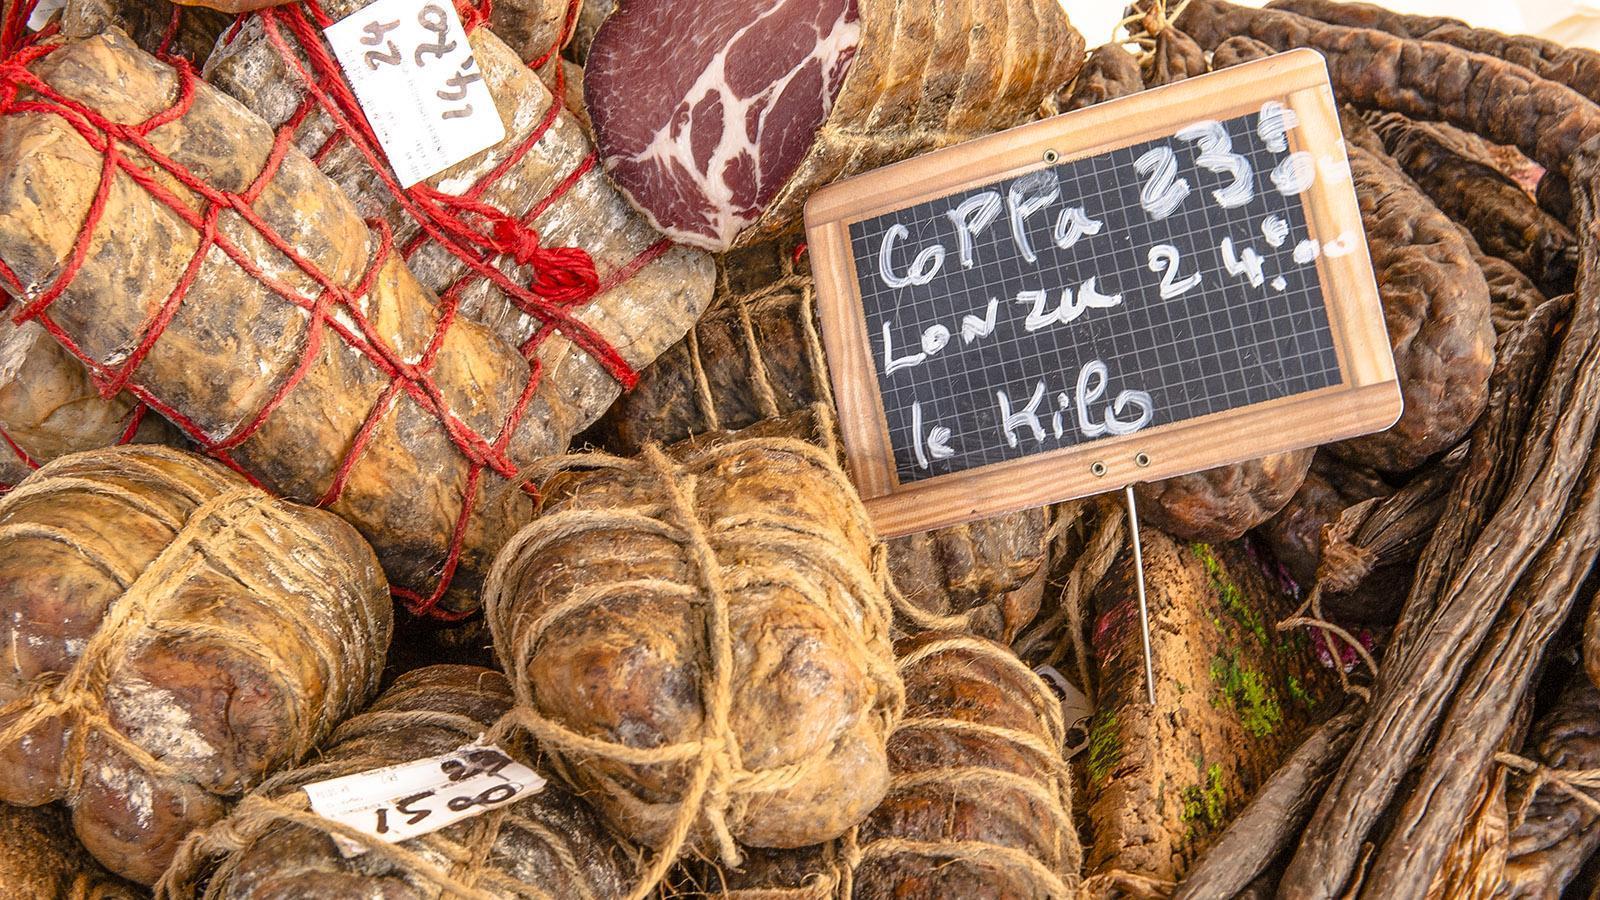 L'Ile-Rousse: Lonzu und Coppa frisch vom Markt. Foto: Hilke Maunder